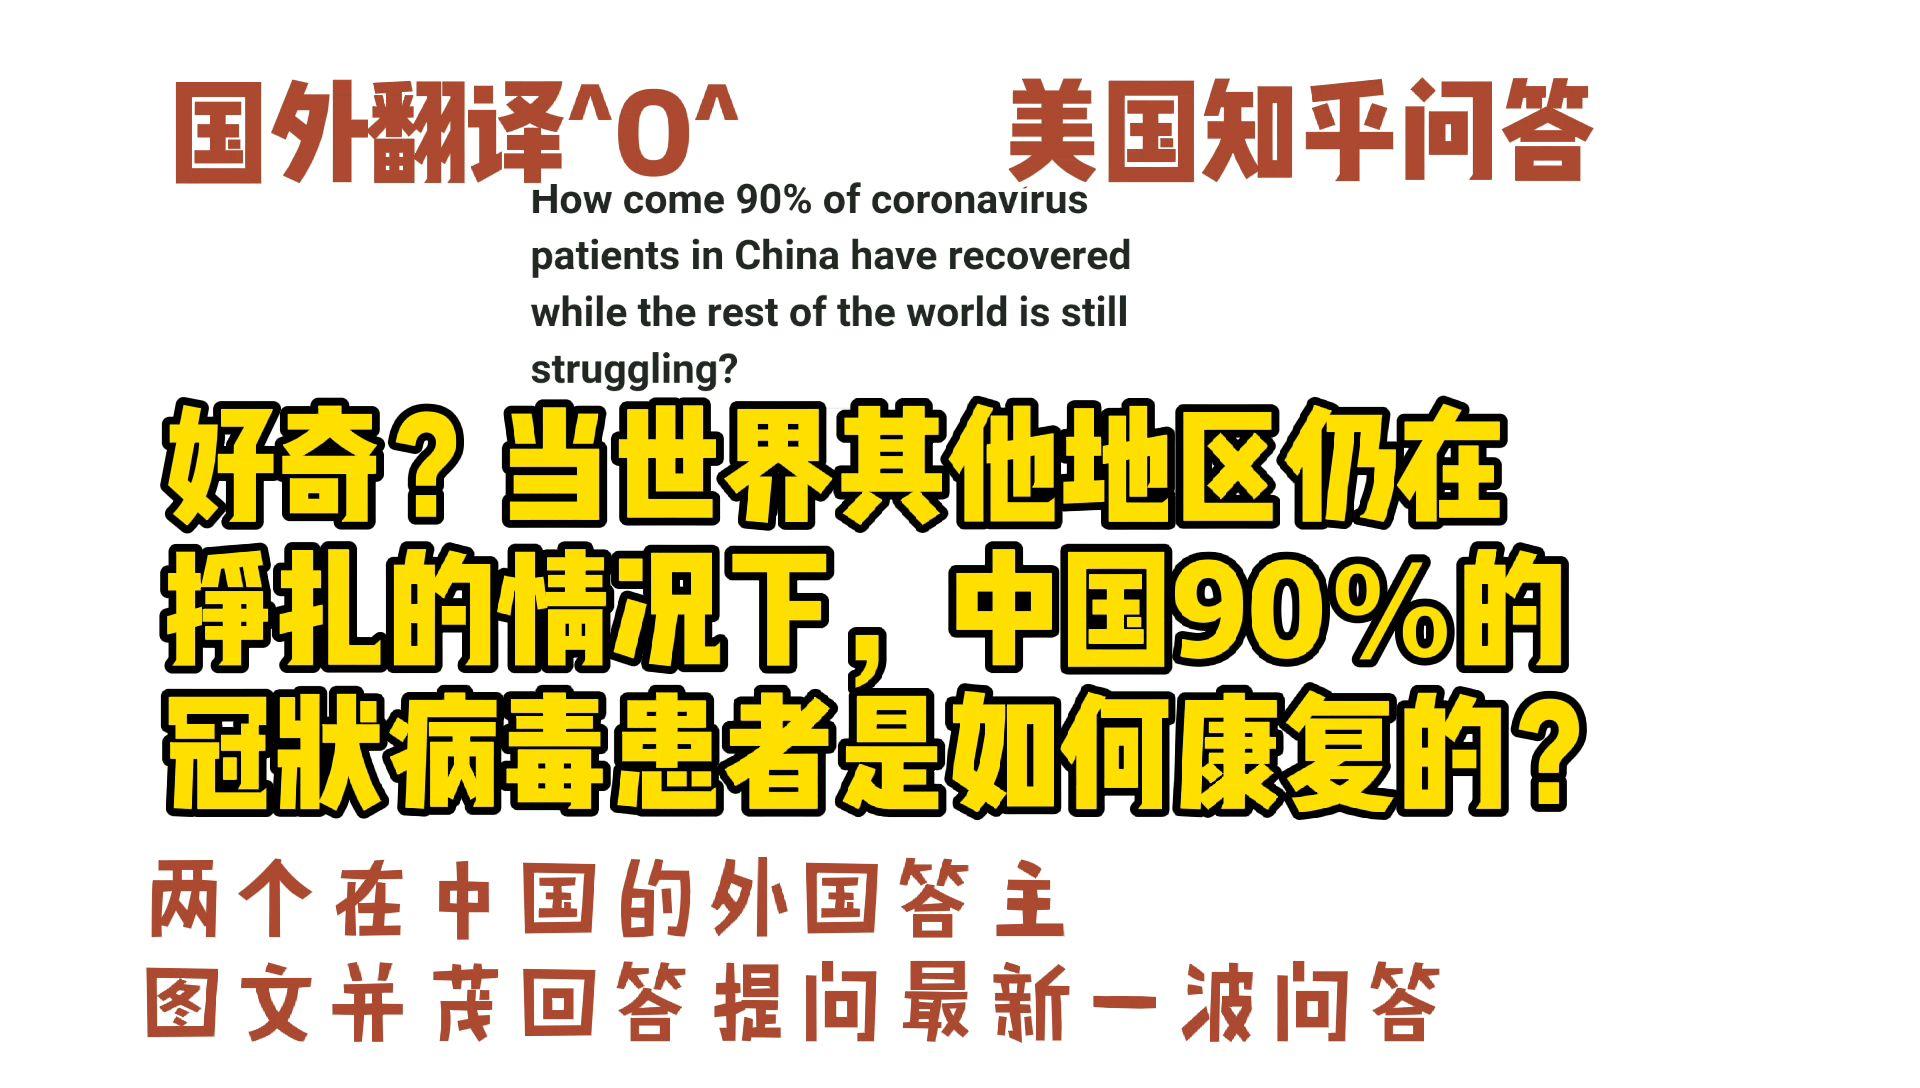 美国知乎,好奇?当世界其他地区仍在挣扎的情况下,中国90%的冠状病毒患者是如何康复的?是两个国外答主